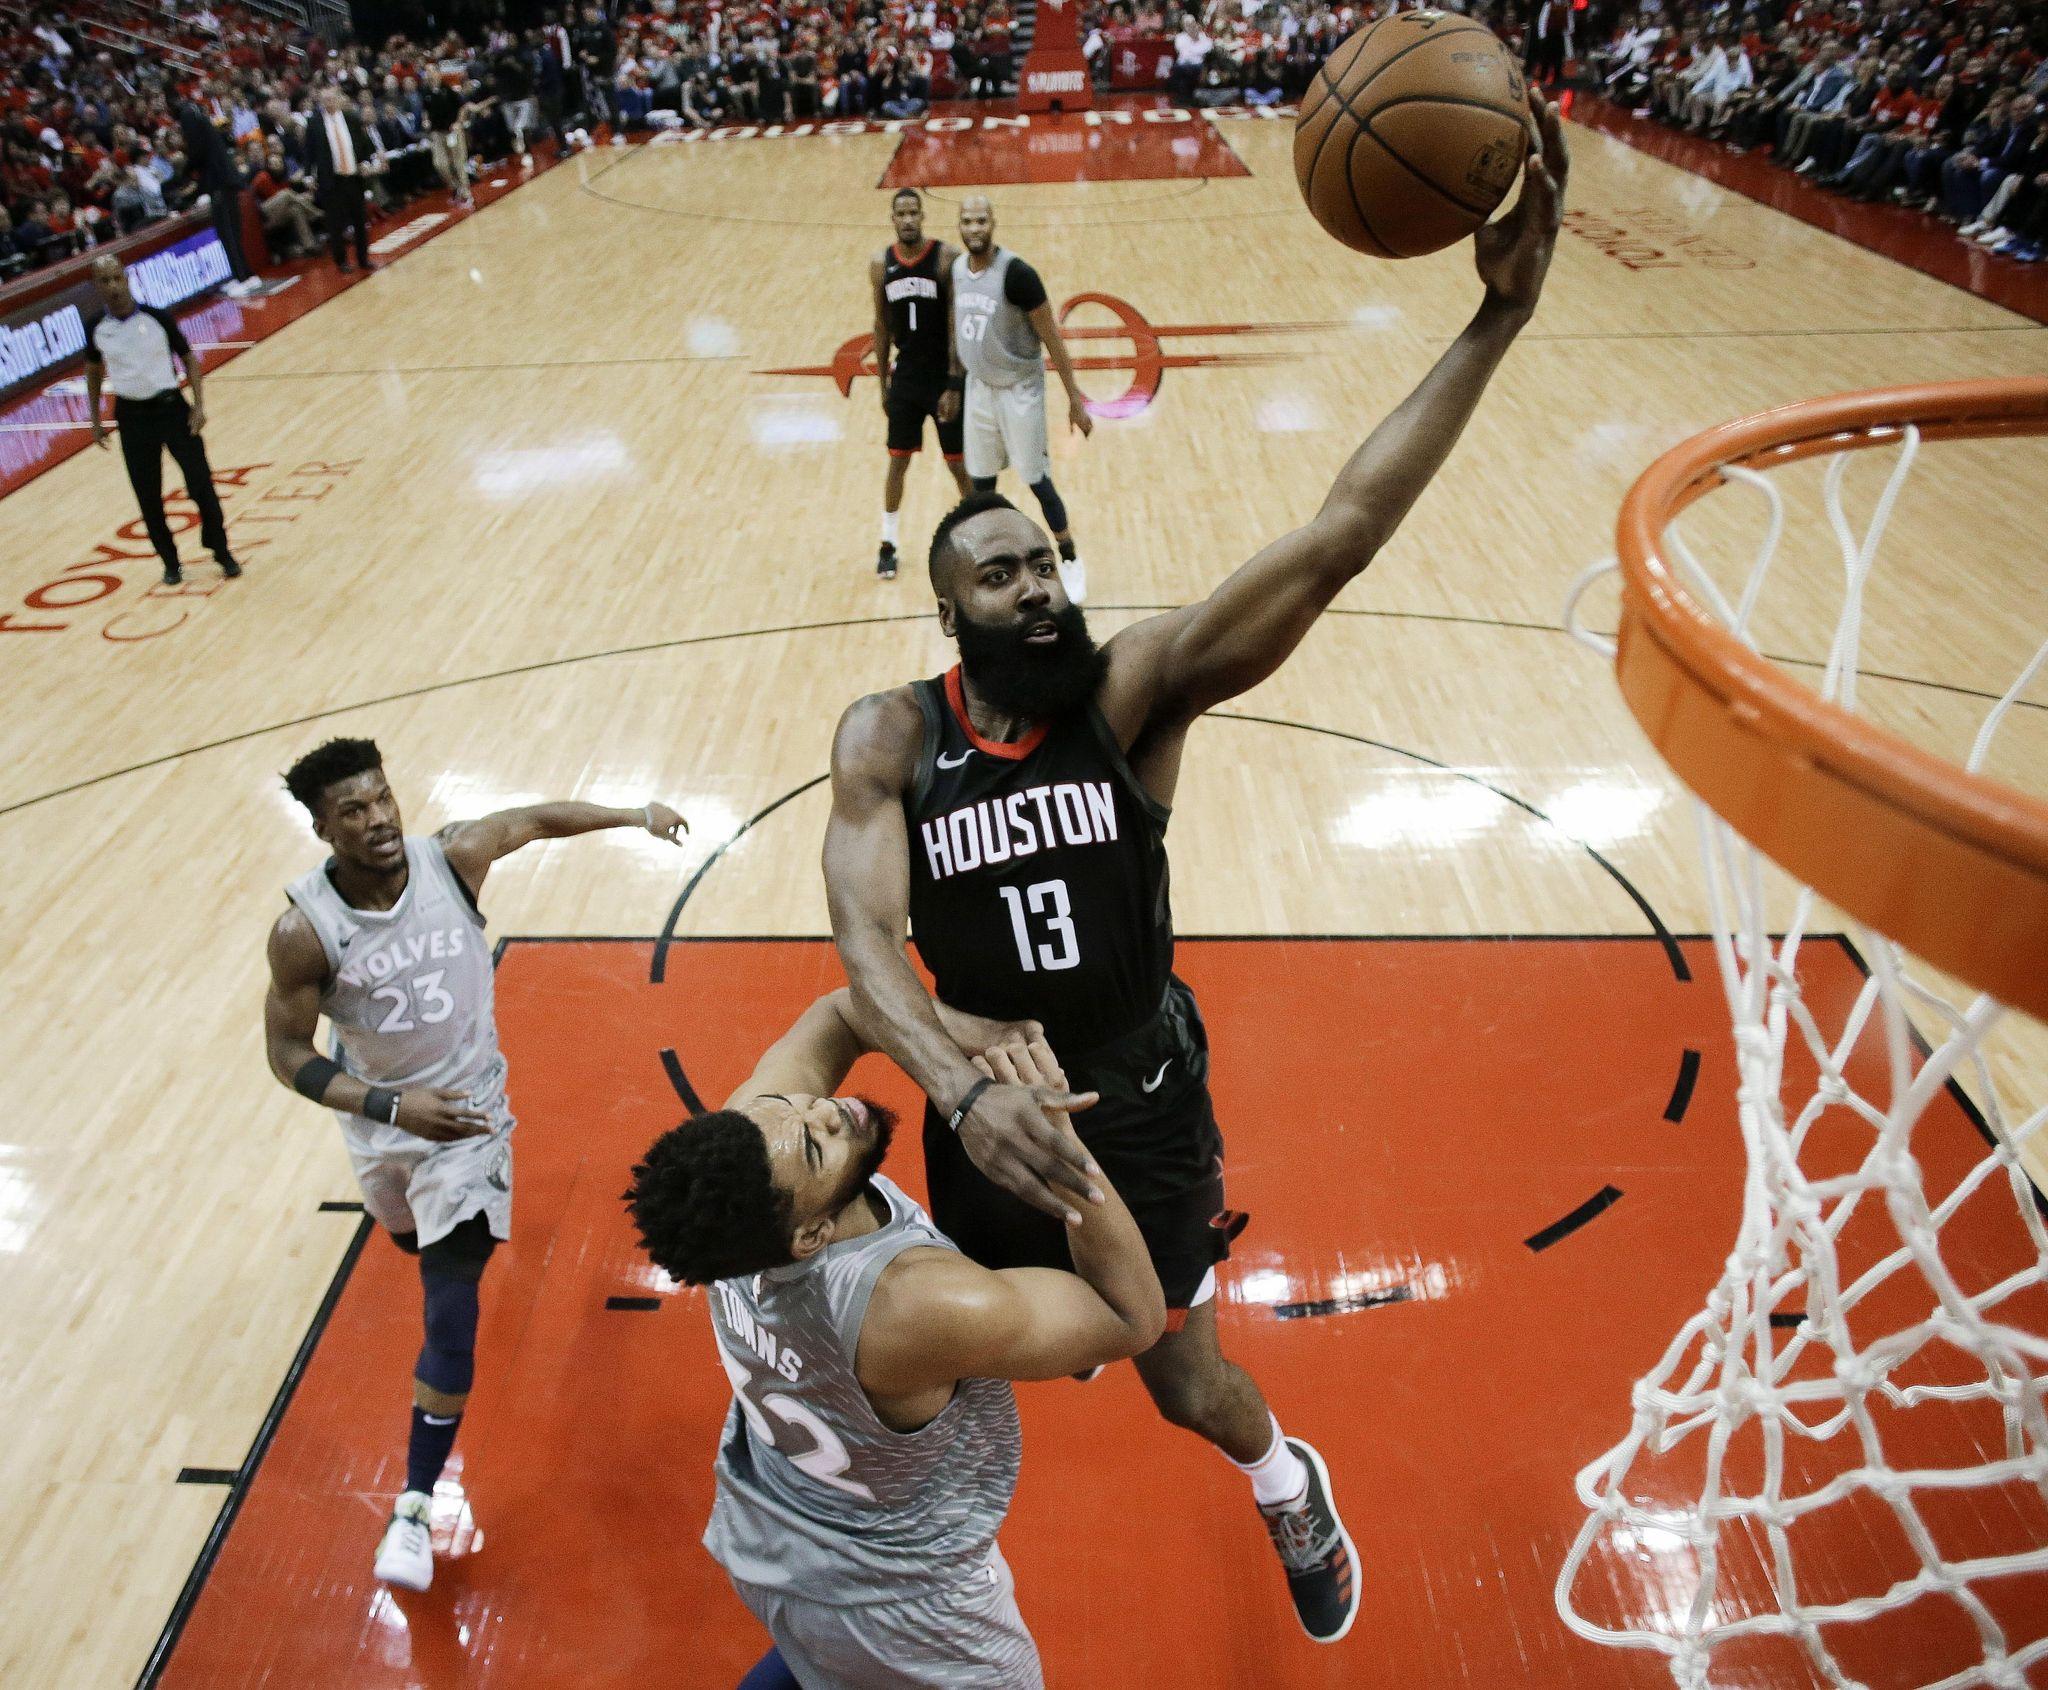 Timberwolves_rockets_basketball_79442_s2048x1690